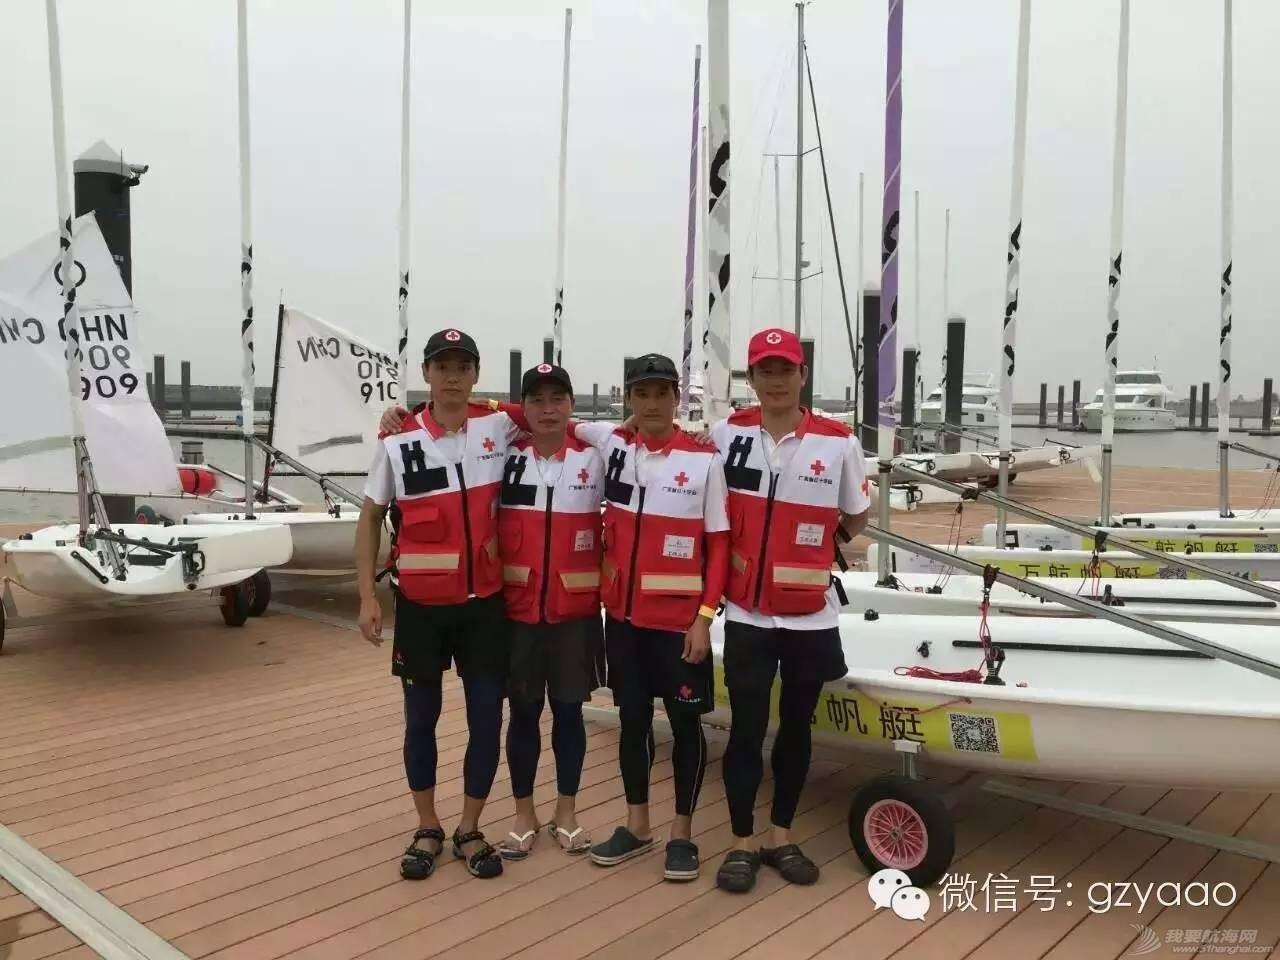 全国青少年帆船联赛(广州站)圆满结束,16支小队伍各展雄风(多图) 90ddfb760fe26c19dc4e6fb1aacd46af.jpg